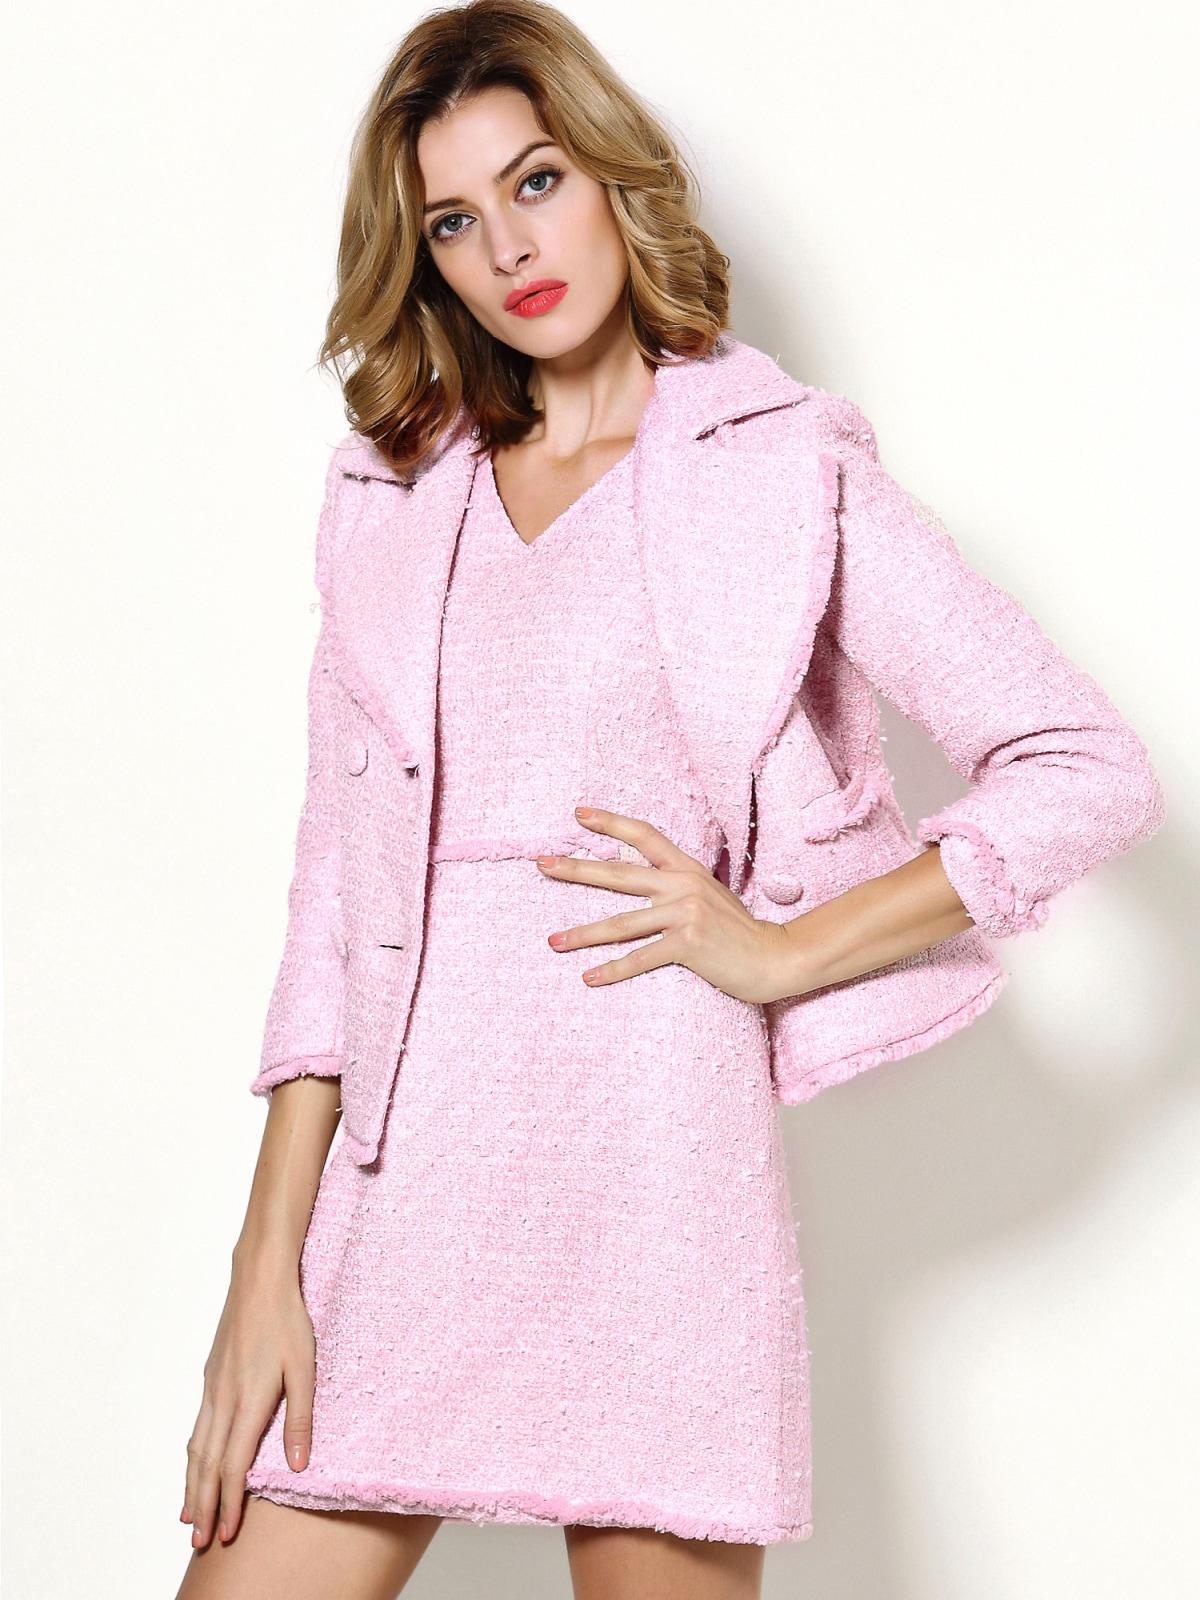 zweiteiliges kleid mit v ausschnitt rosa german shein sheinside. Black Bedroom Furniture Sets. Home Design Ideas